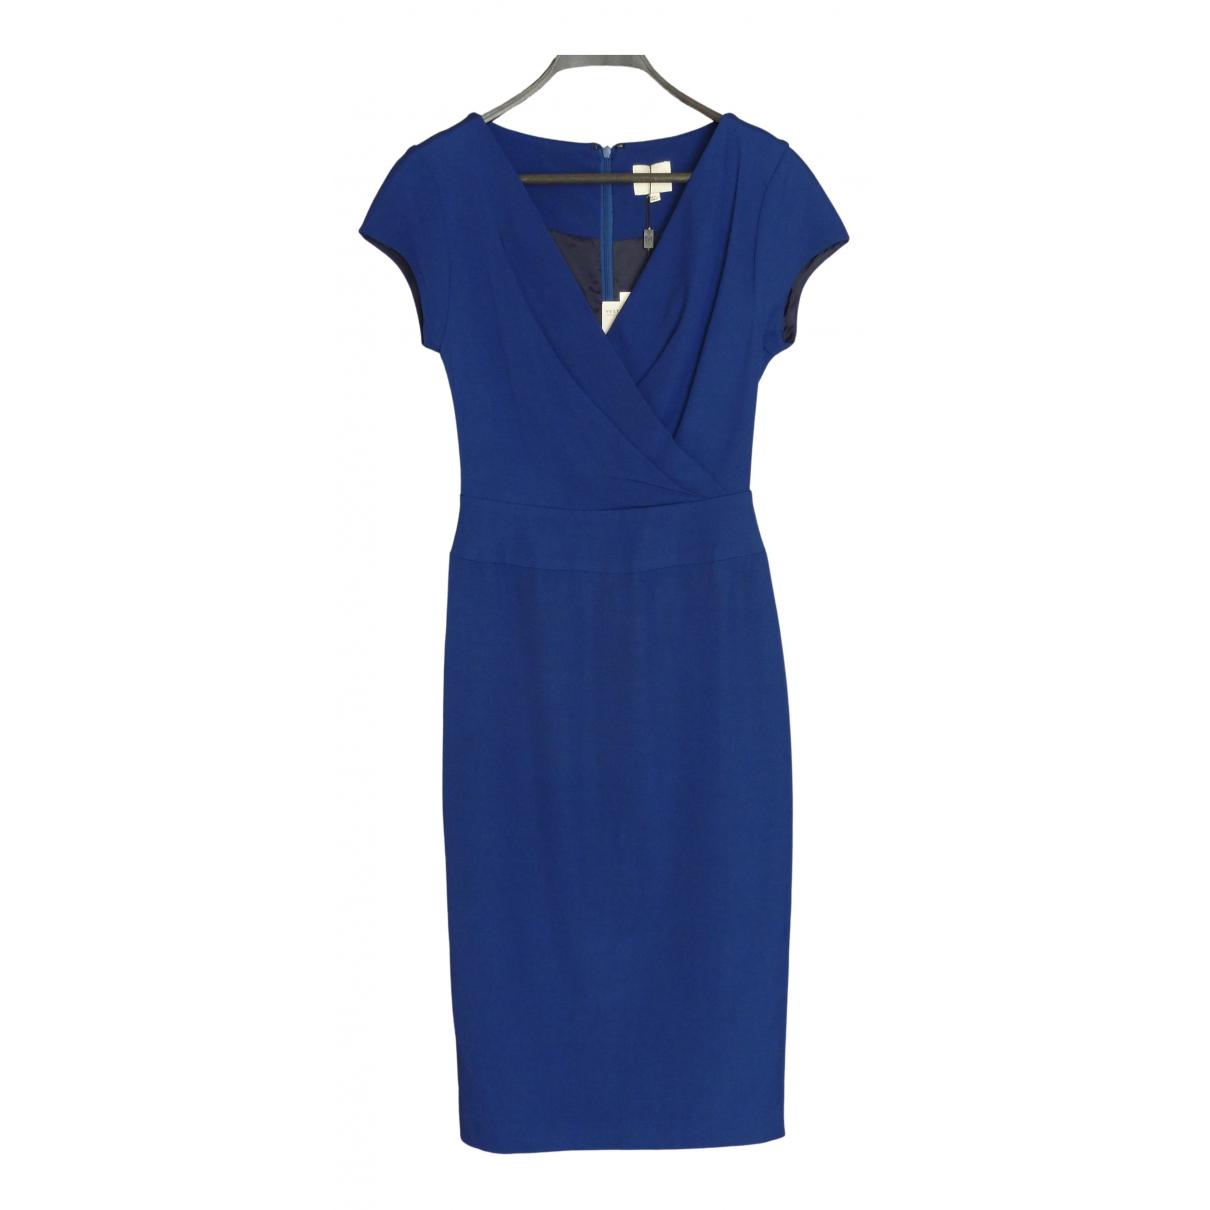 Reiss \N Kleid in  Blau Viskose